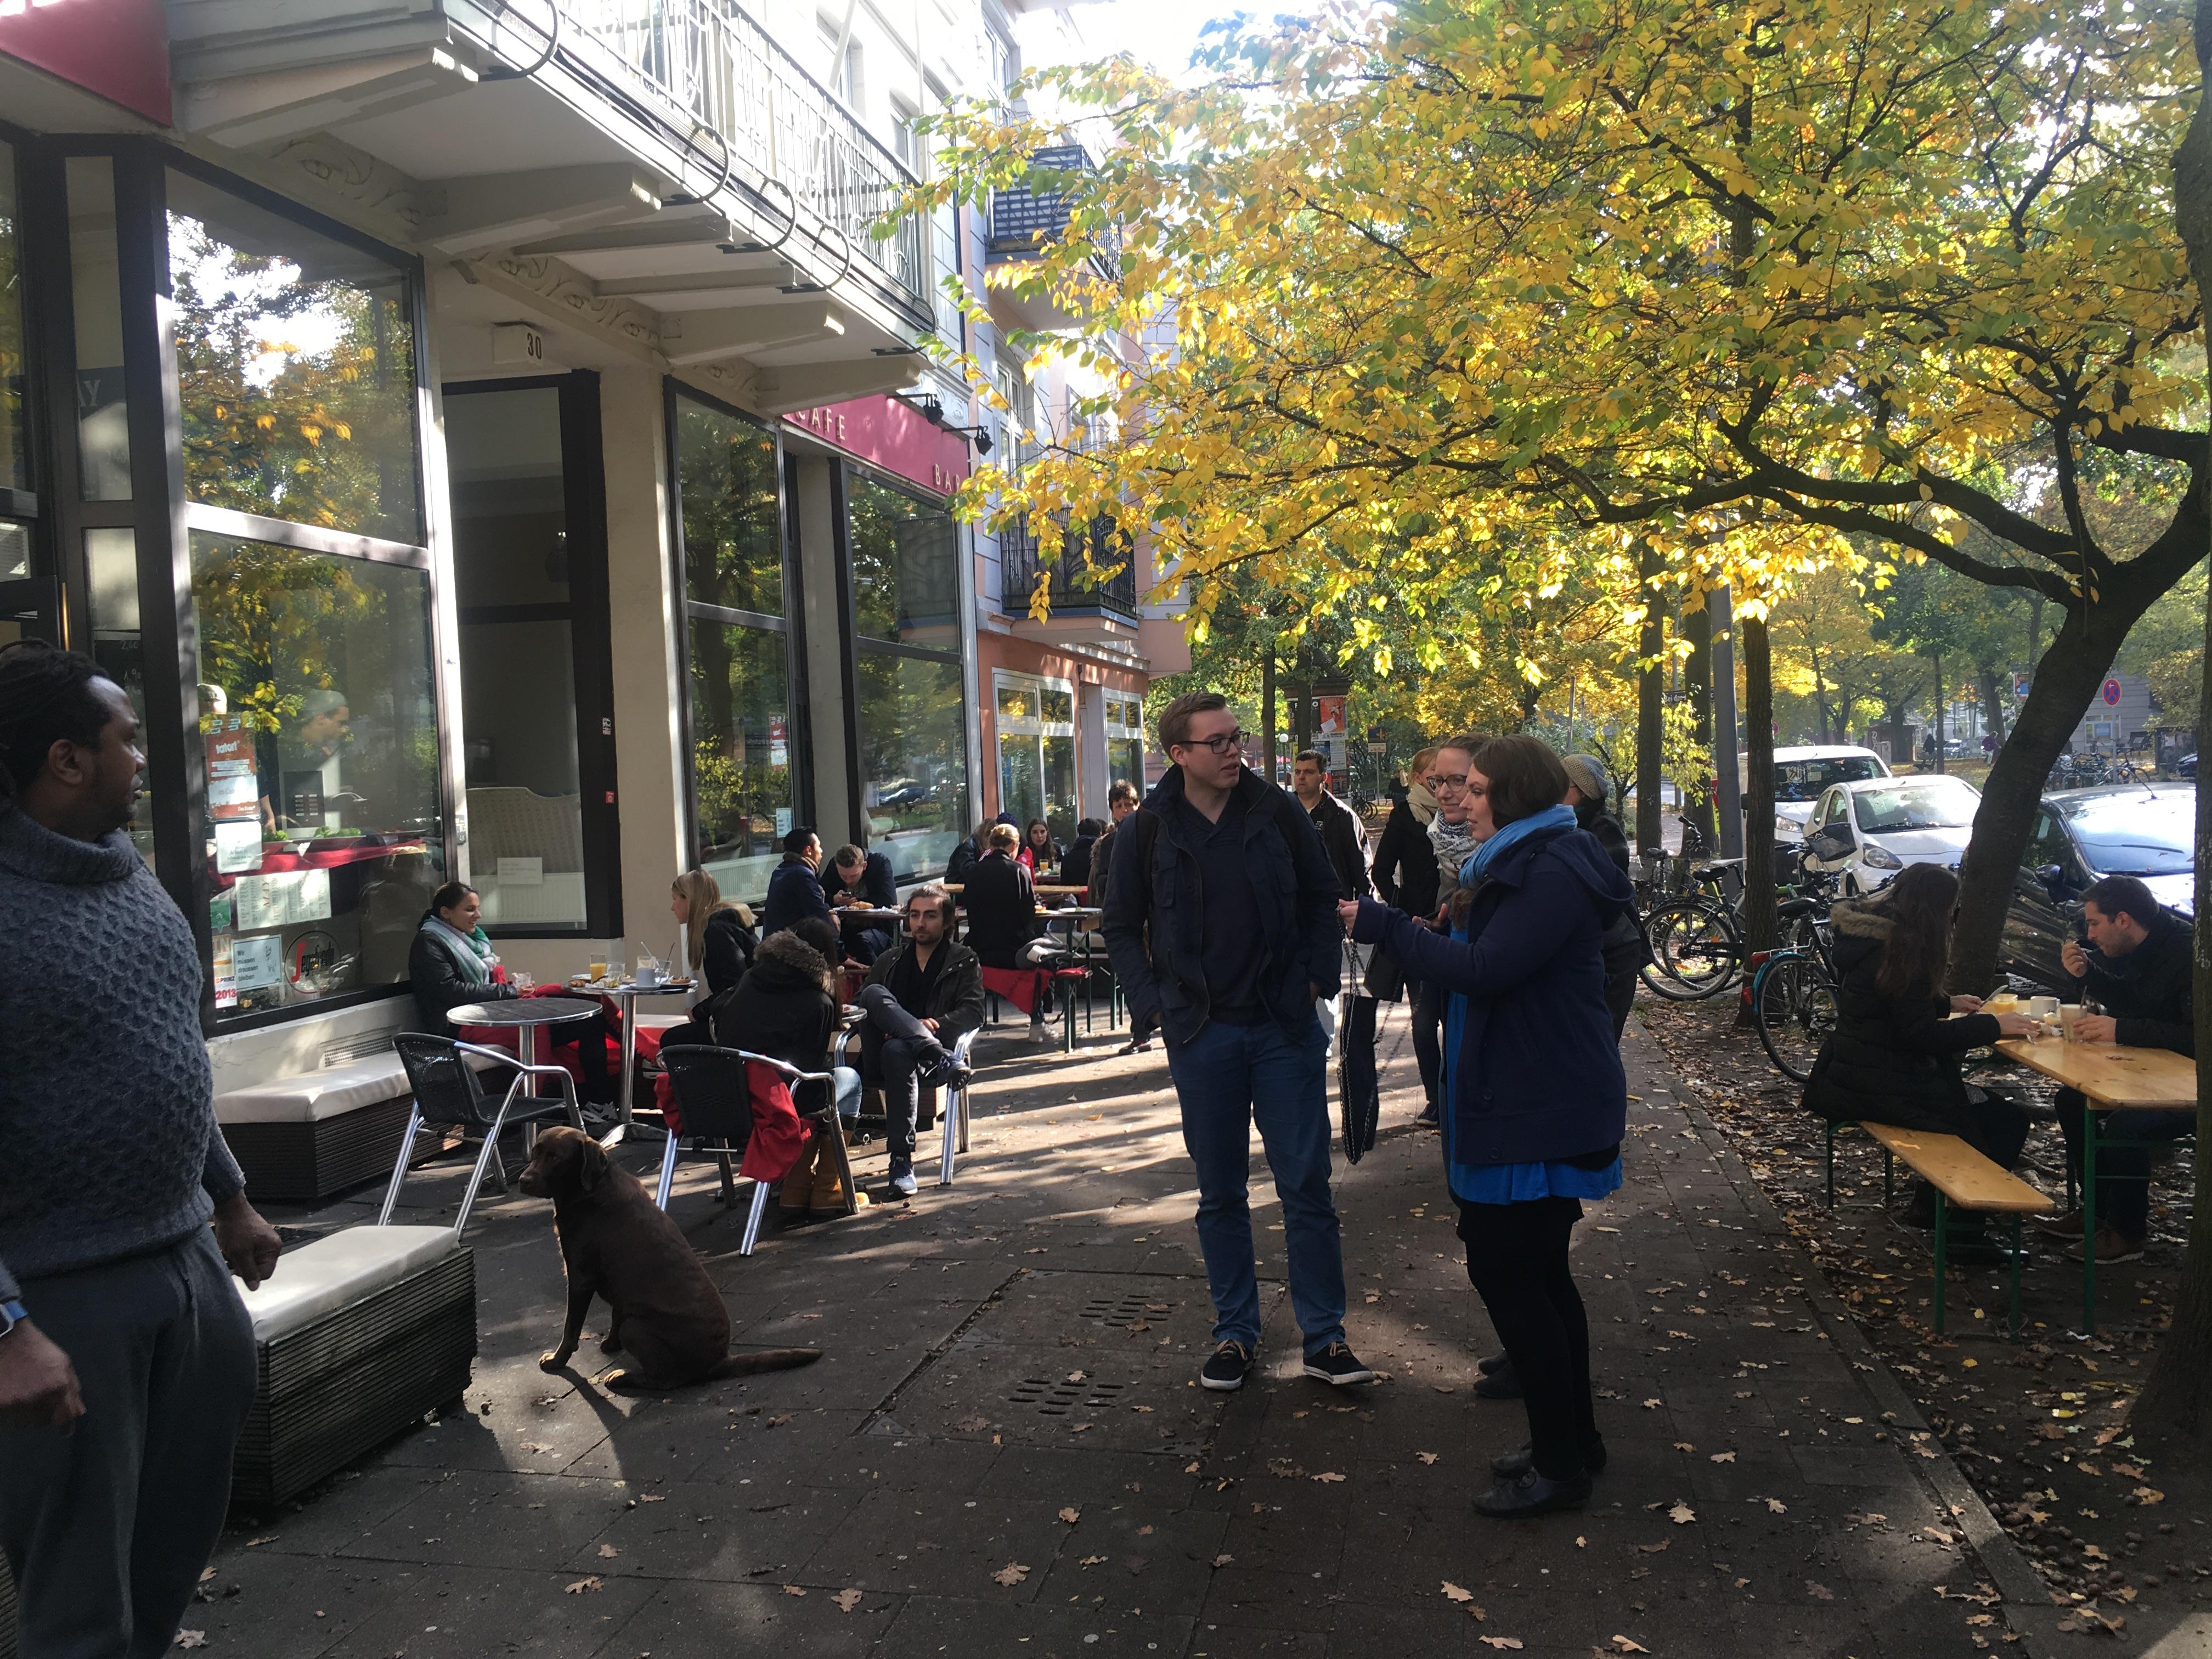 Cafe May Eimsbüttel außen 2